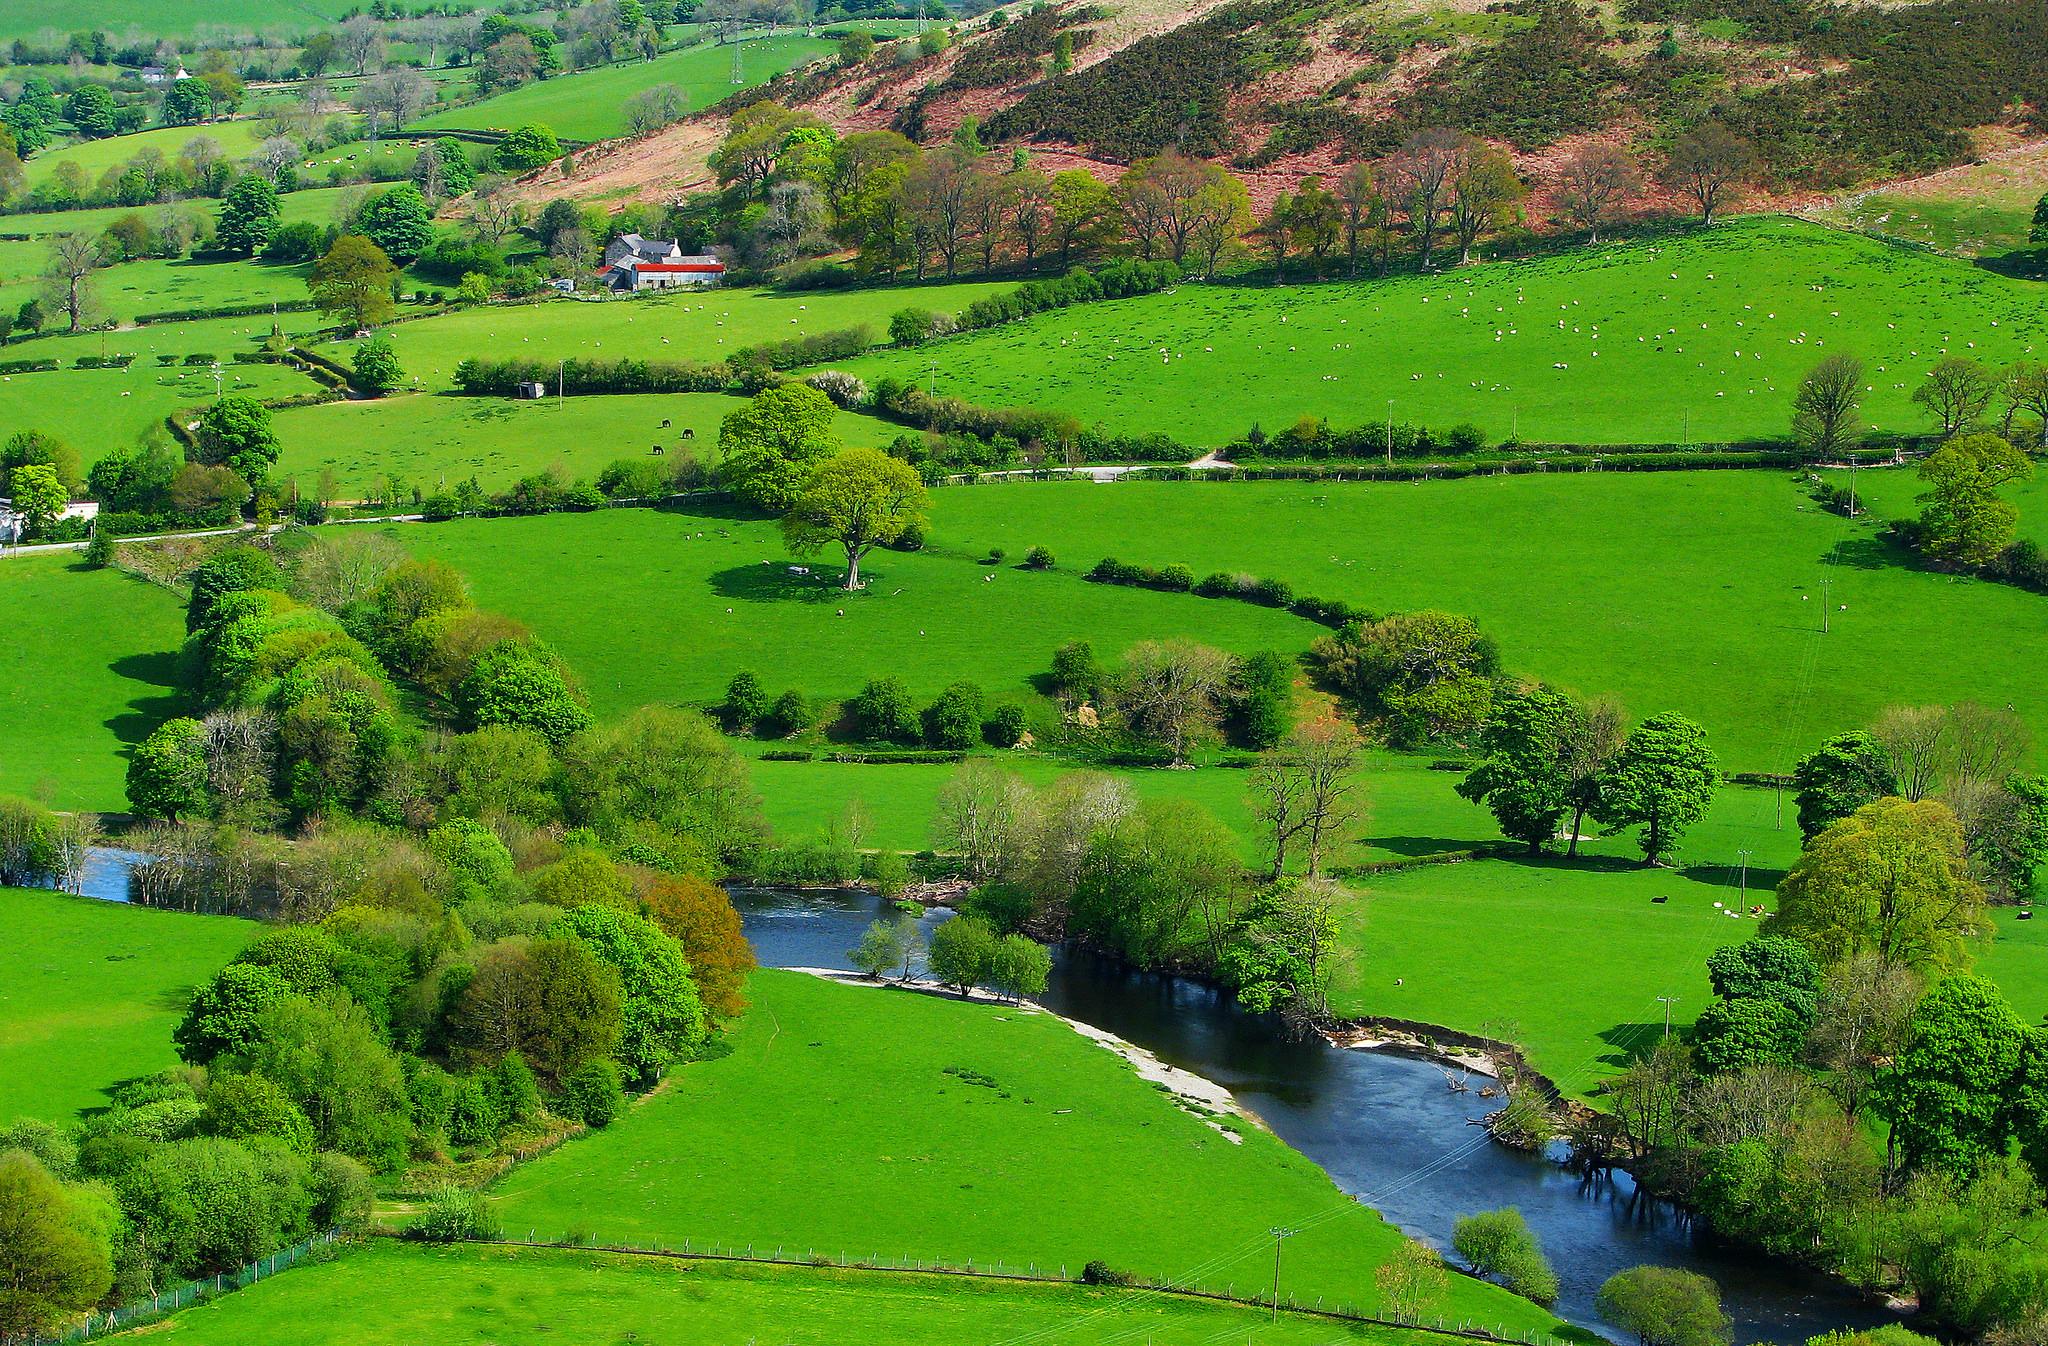 Уэльс, Великобритания, Северная Ирландия